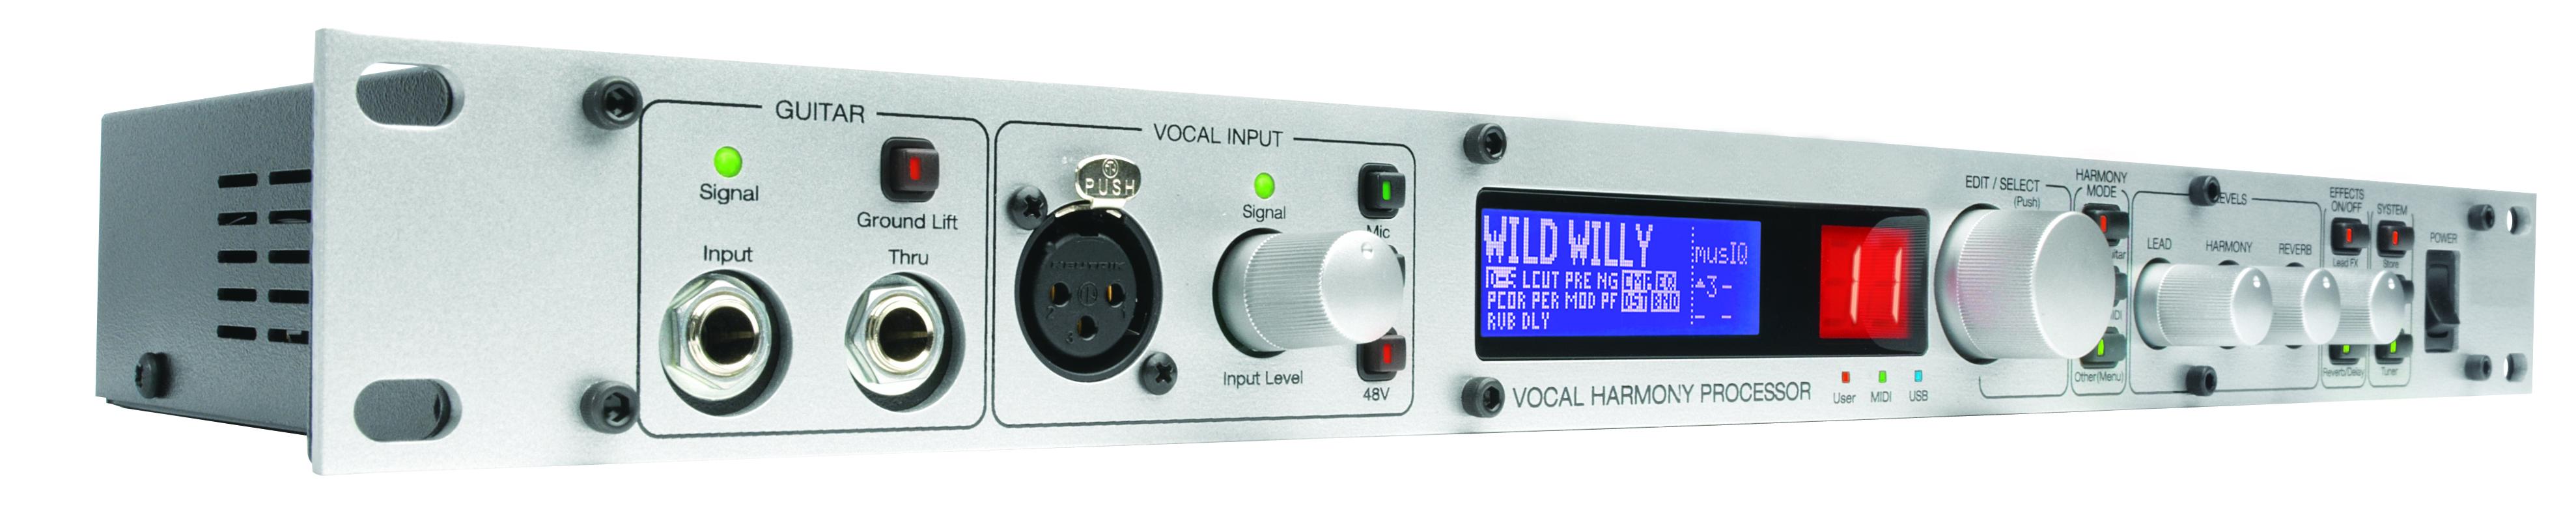 live pro digitech guitar effects rh digitech com digitech vx400 vocal effects processor manual Lexicon Digital Effects Processor